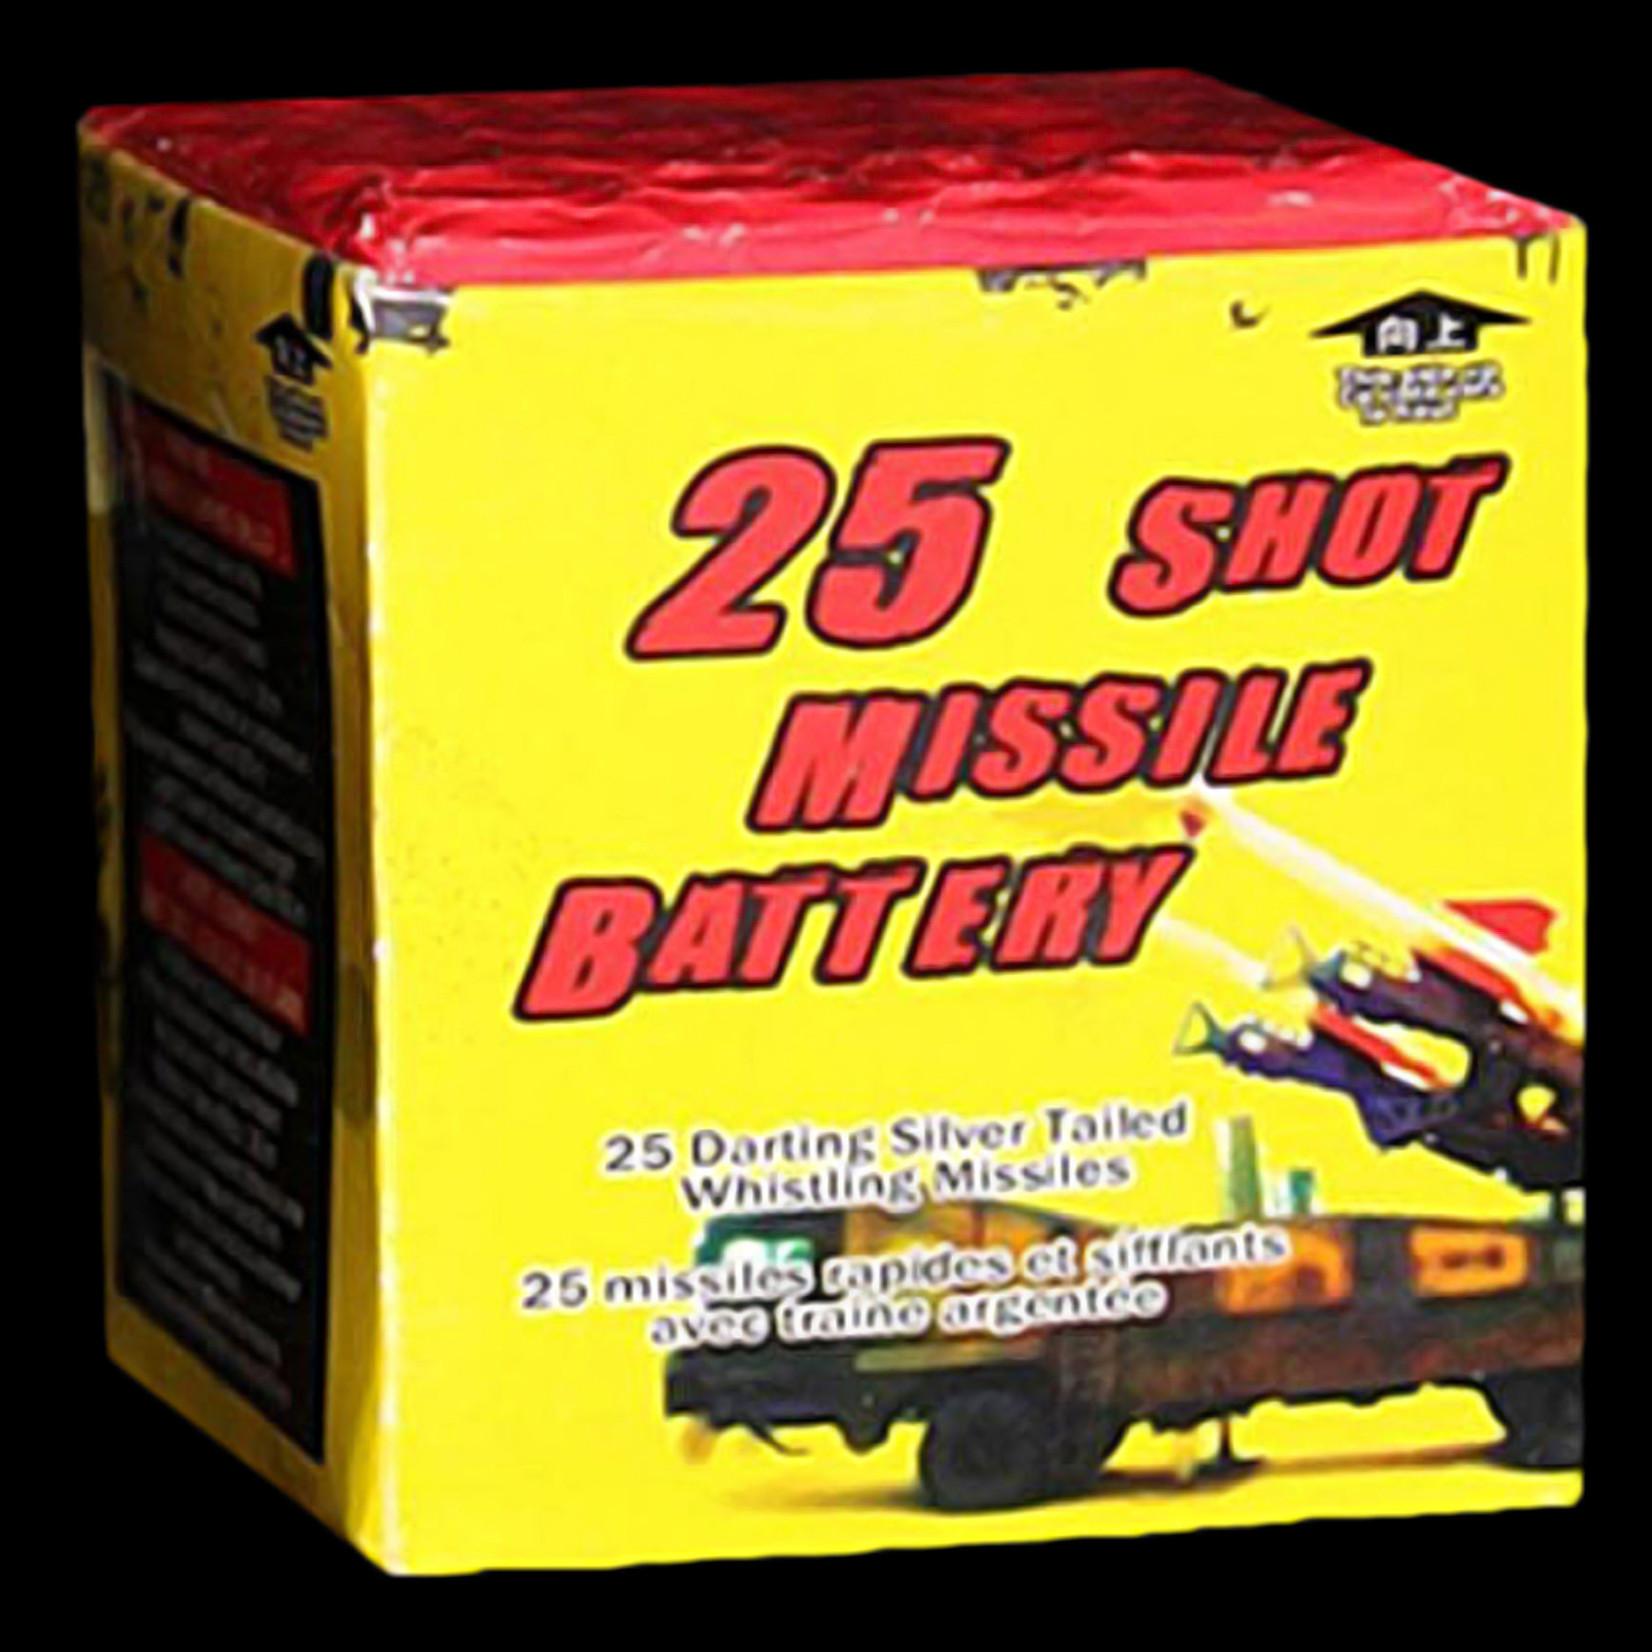 25 Shot Missile Battery